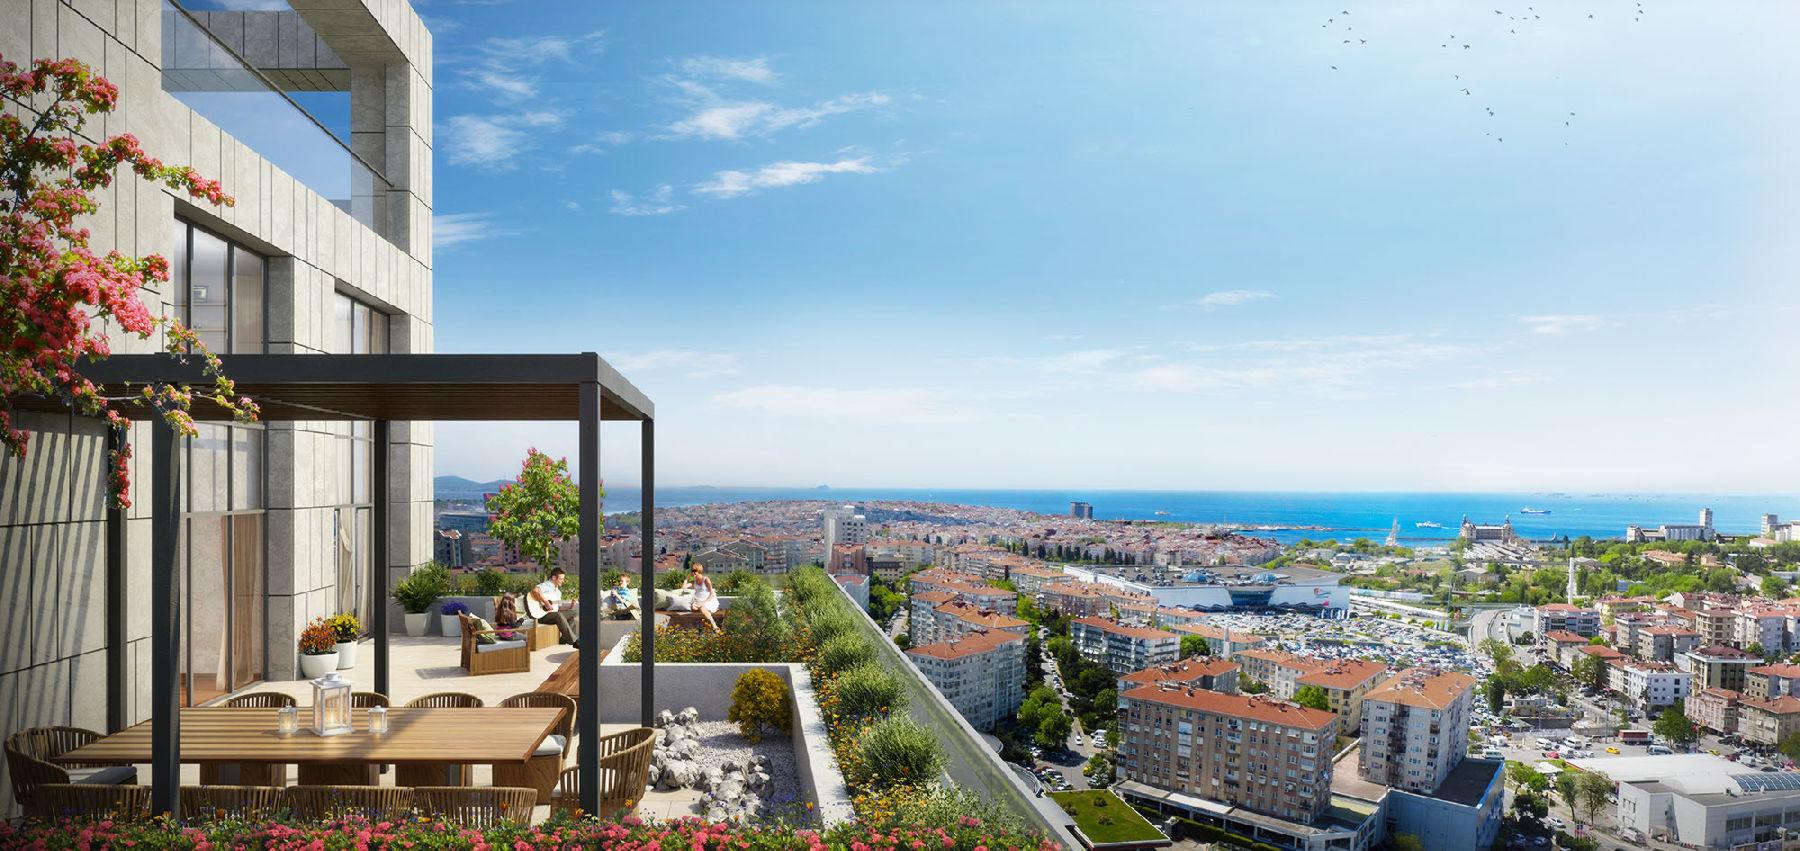 «Умные» квартиры в новом жилом комплексе Стамбула - Фото 3